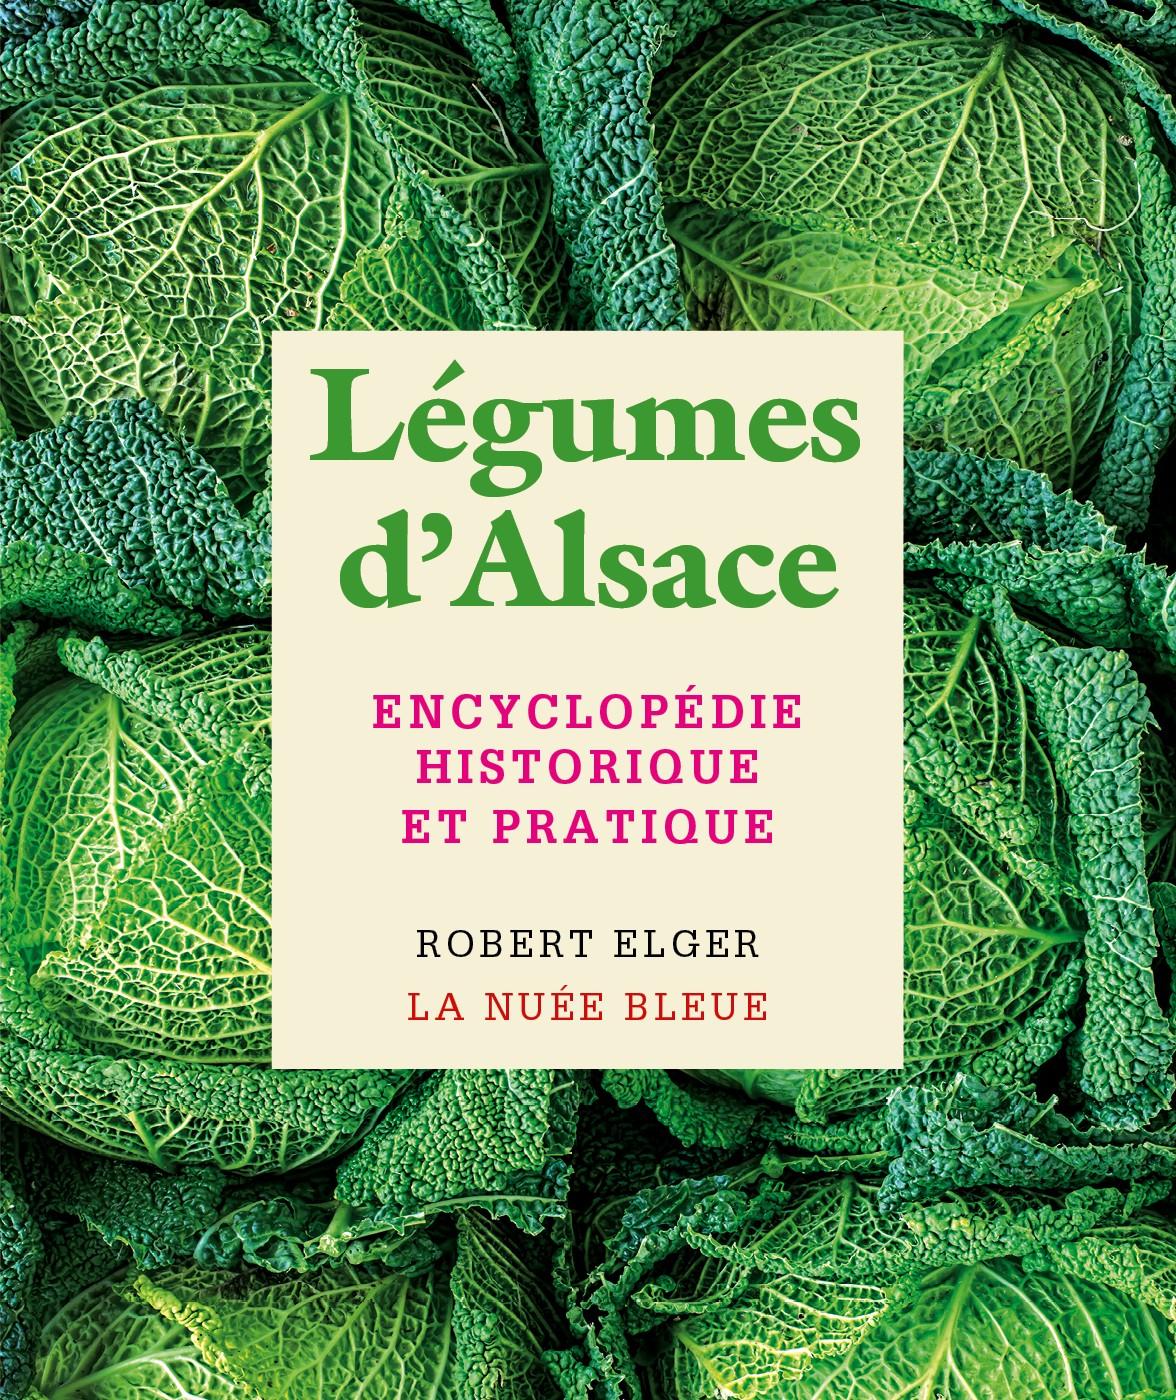 Légumes d'Alsace